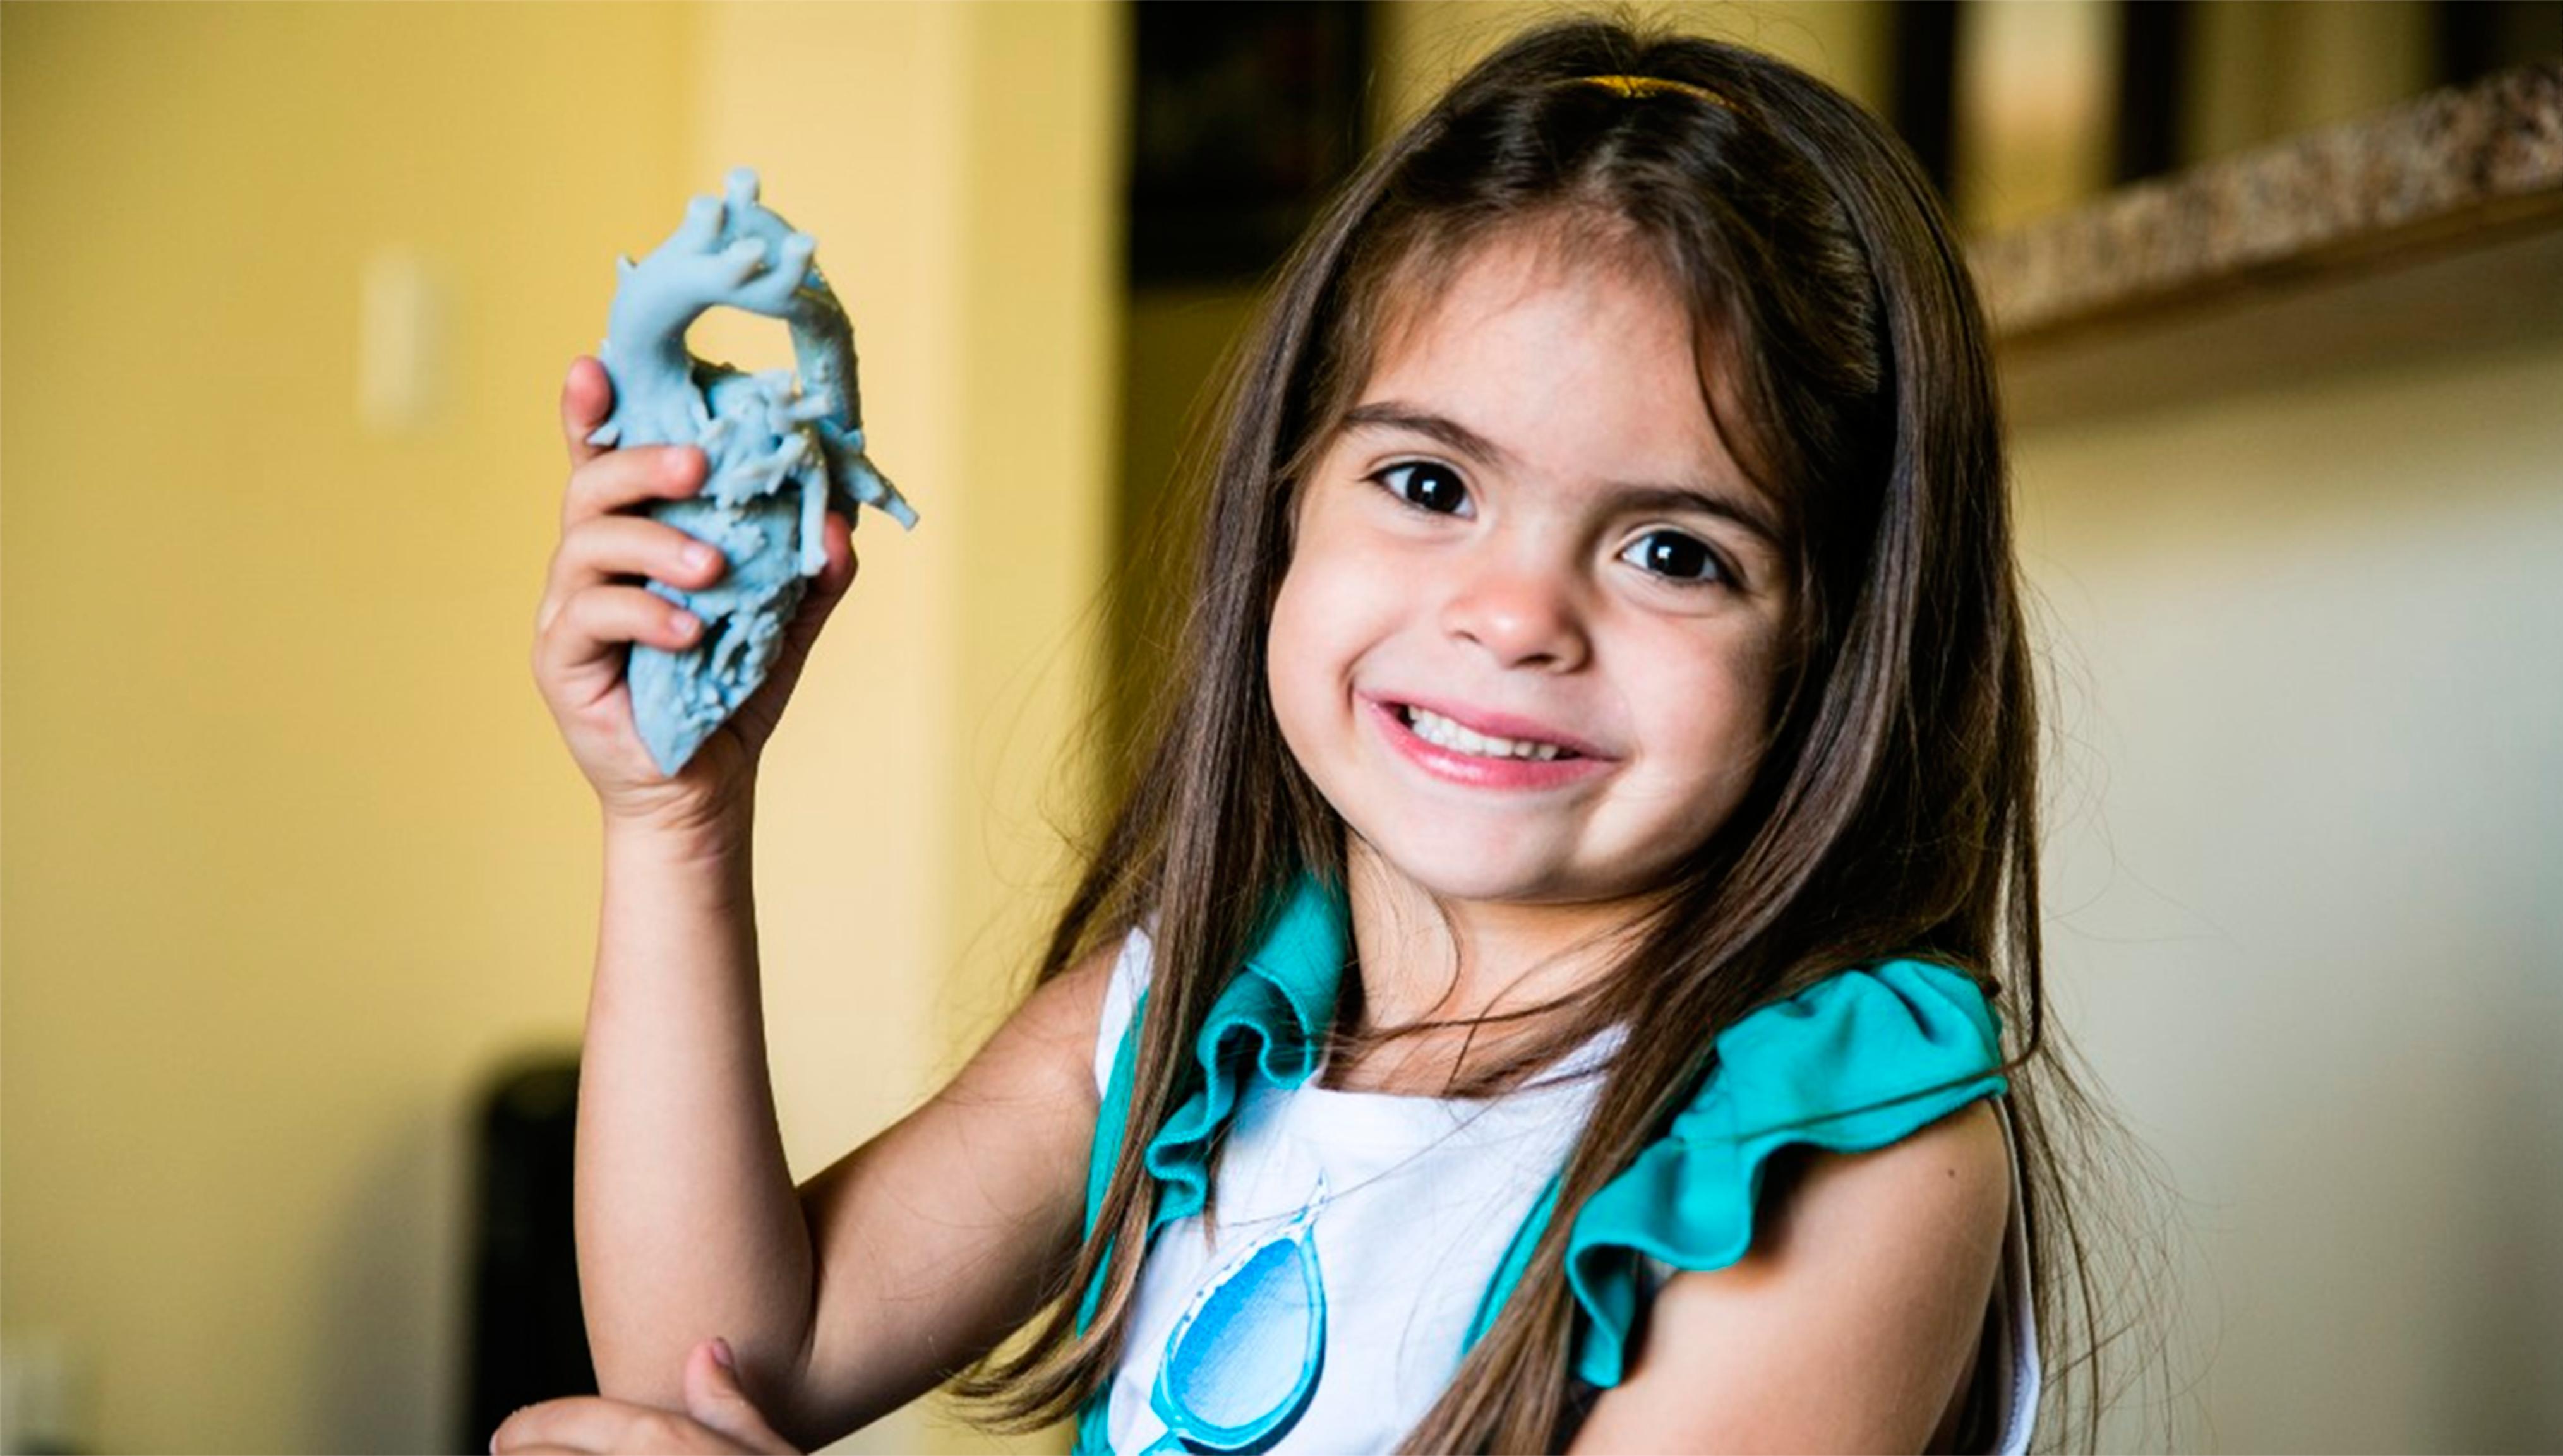 Для 4-летней Миа Гонсалес напечатали сердце на 3D-принтере